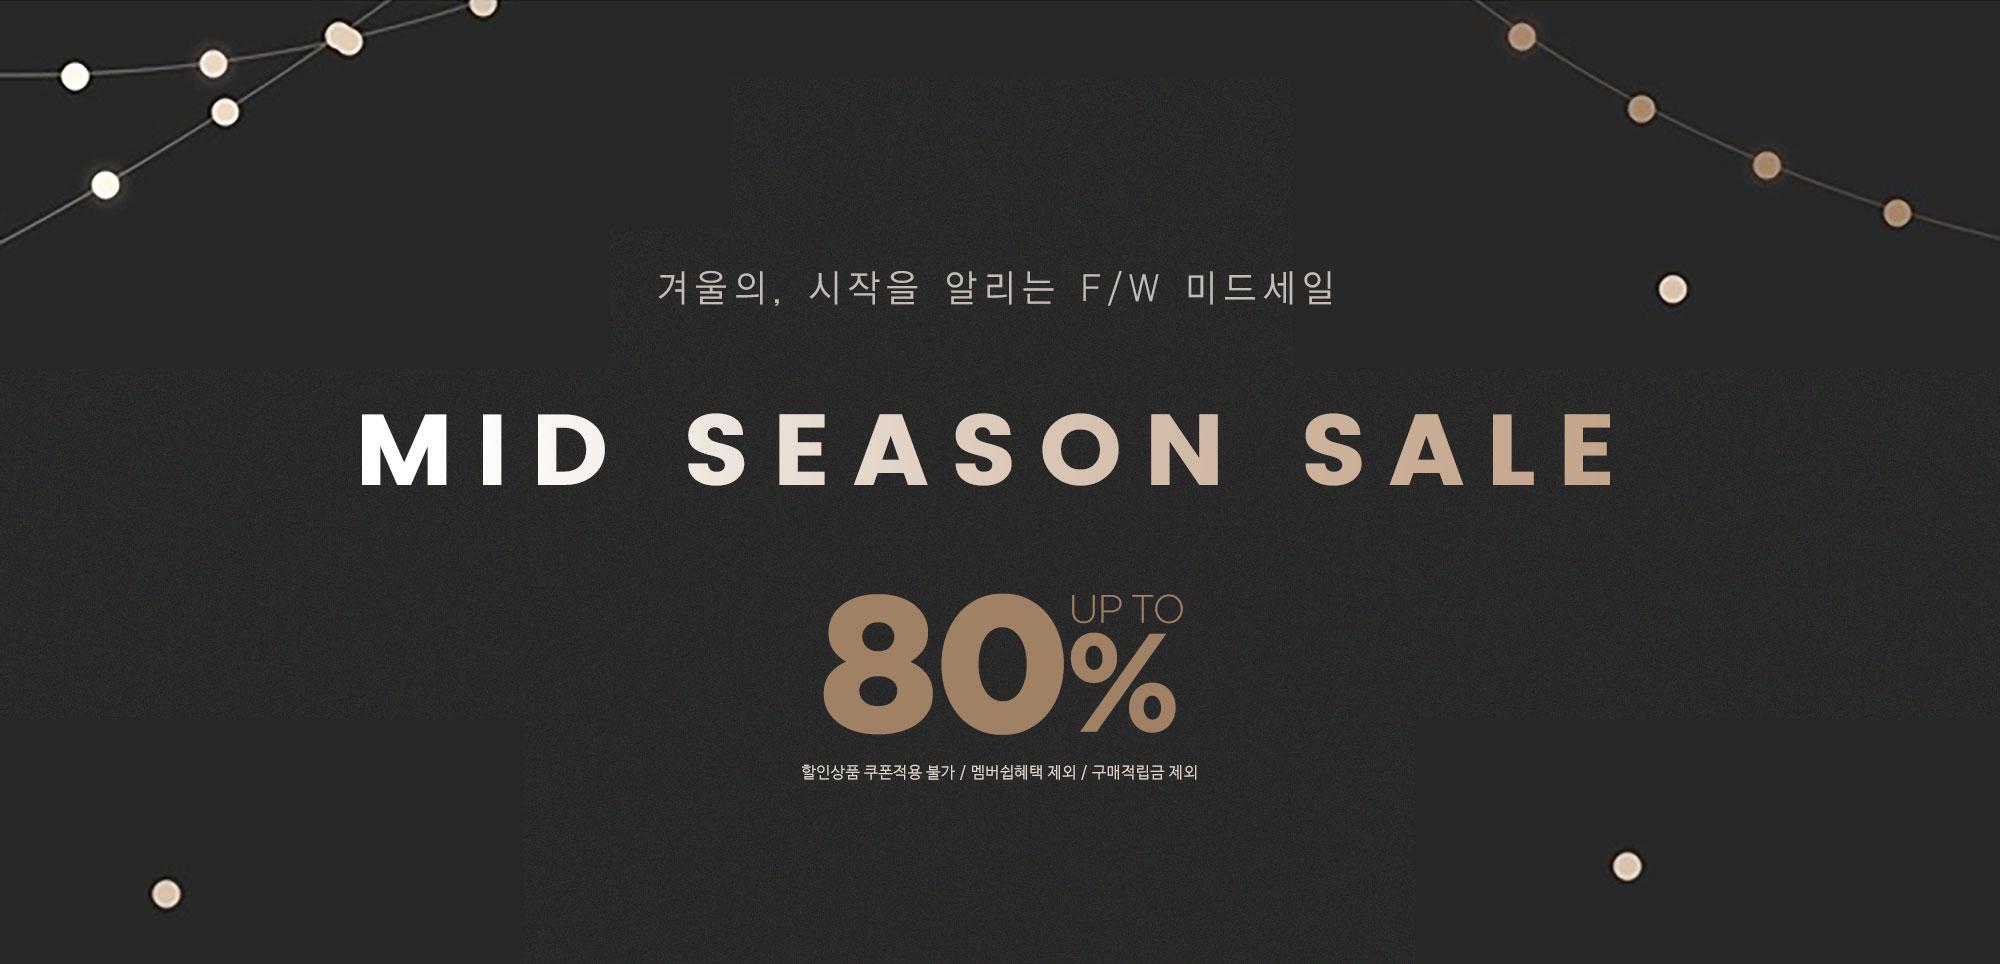 미드시즌오프~80%